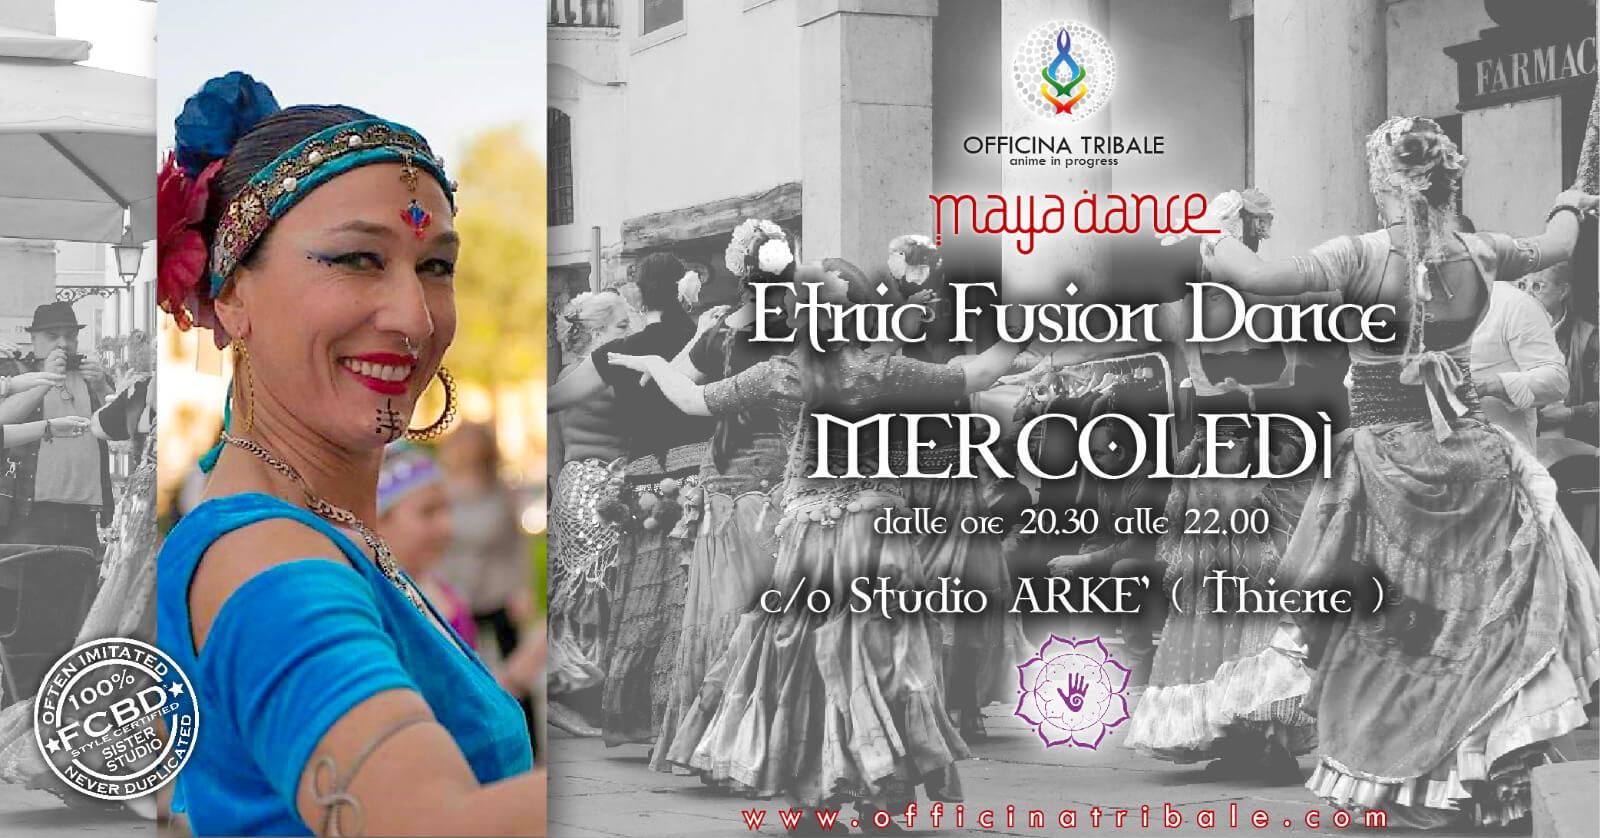 Etnic Fusion Dance FCBD style nuovo corso a Thiene